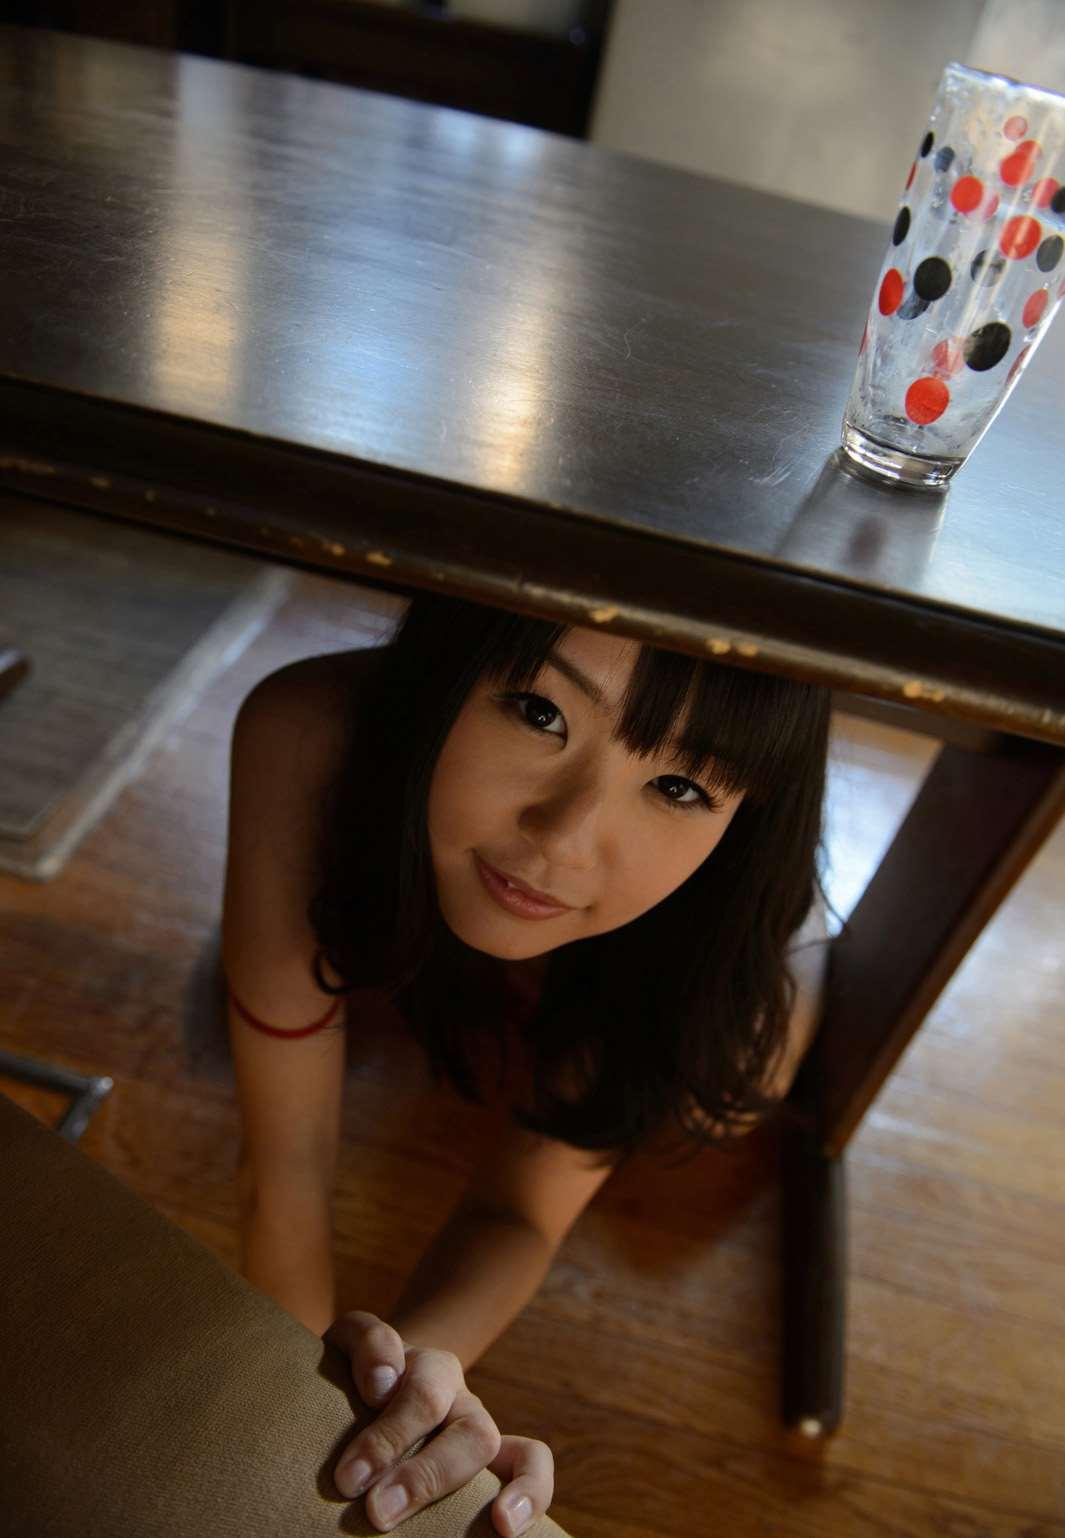 つぼみ (AV女優) ヌード画像 108